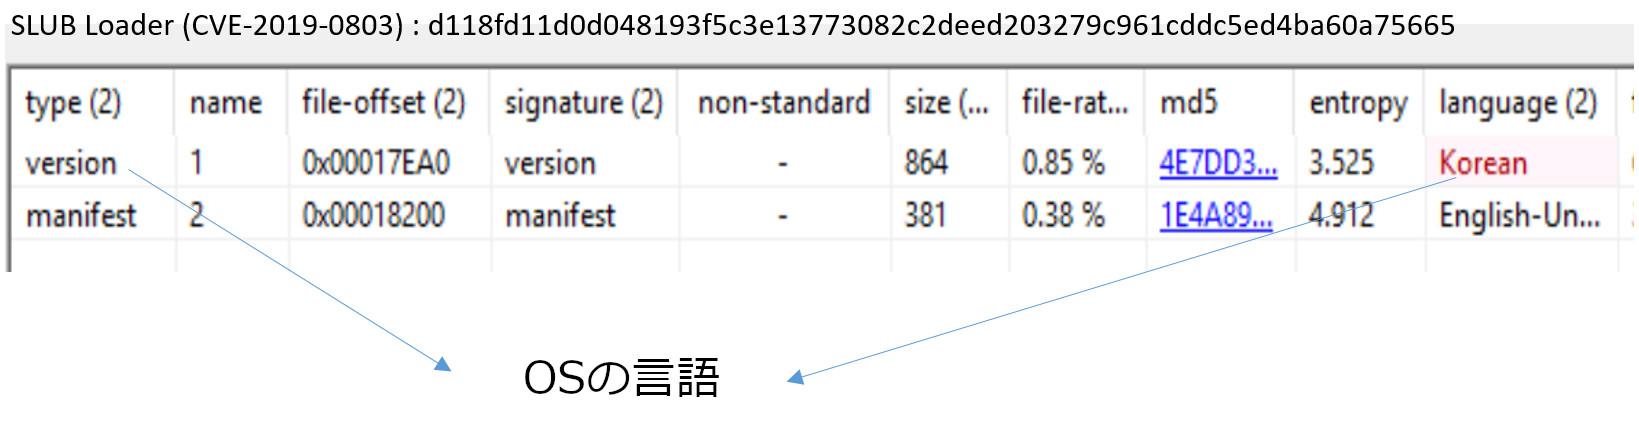 図2:SLUBドロッパが持つバージョンリソースの言語ID